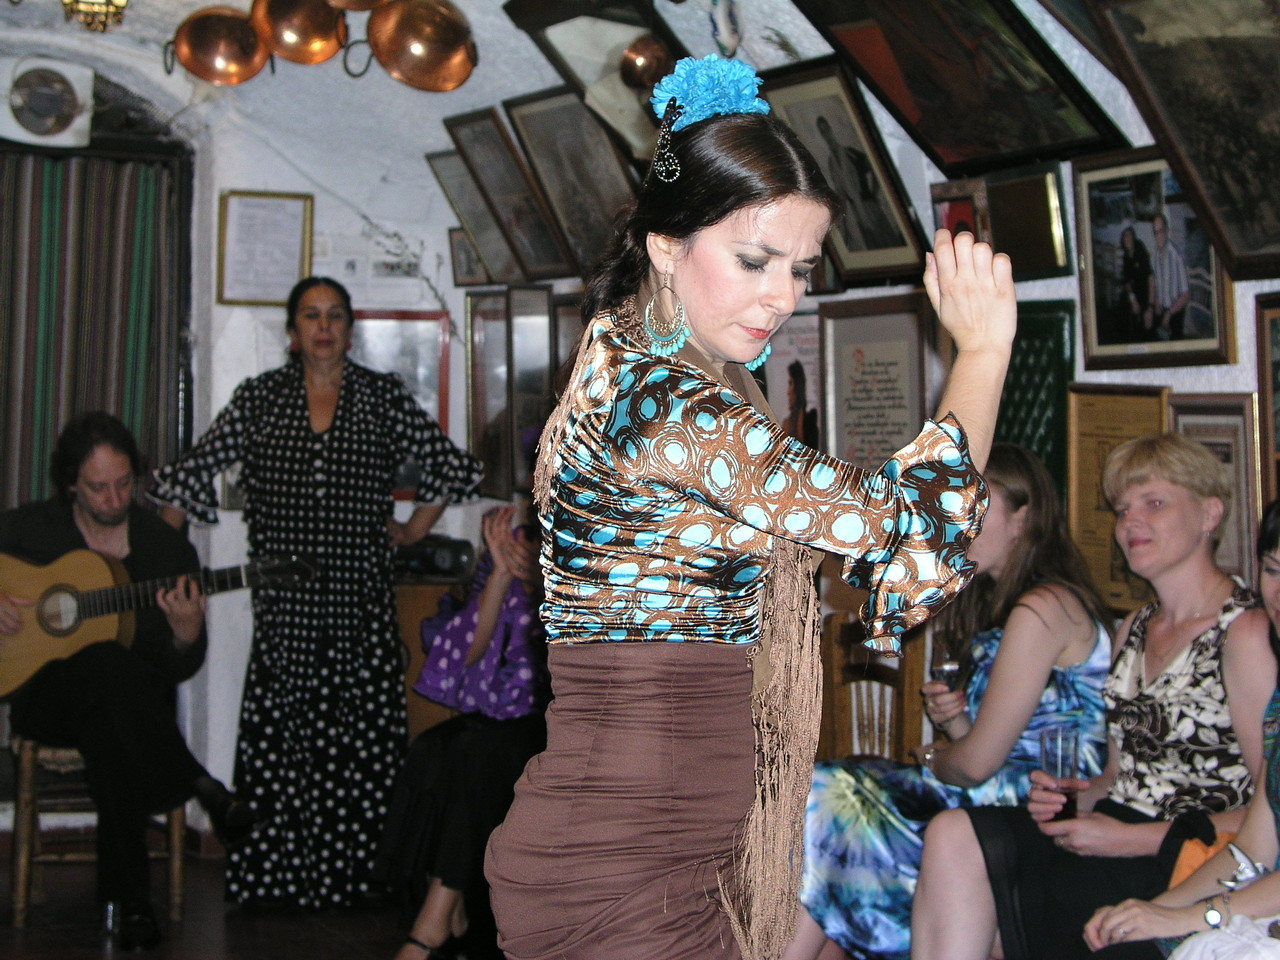 ジプシーの踊りは美しくはないです。でも心に刺さります。